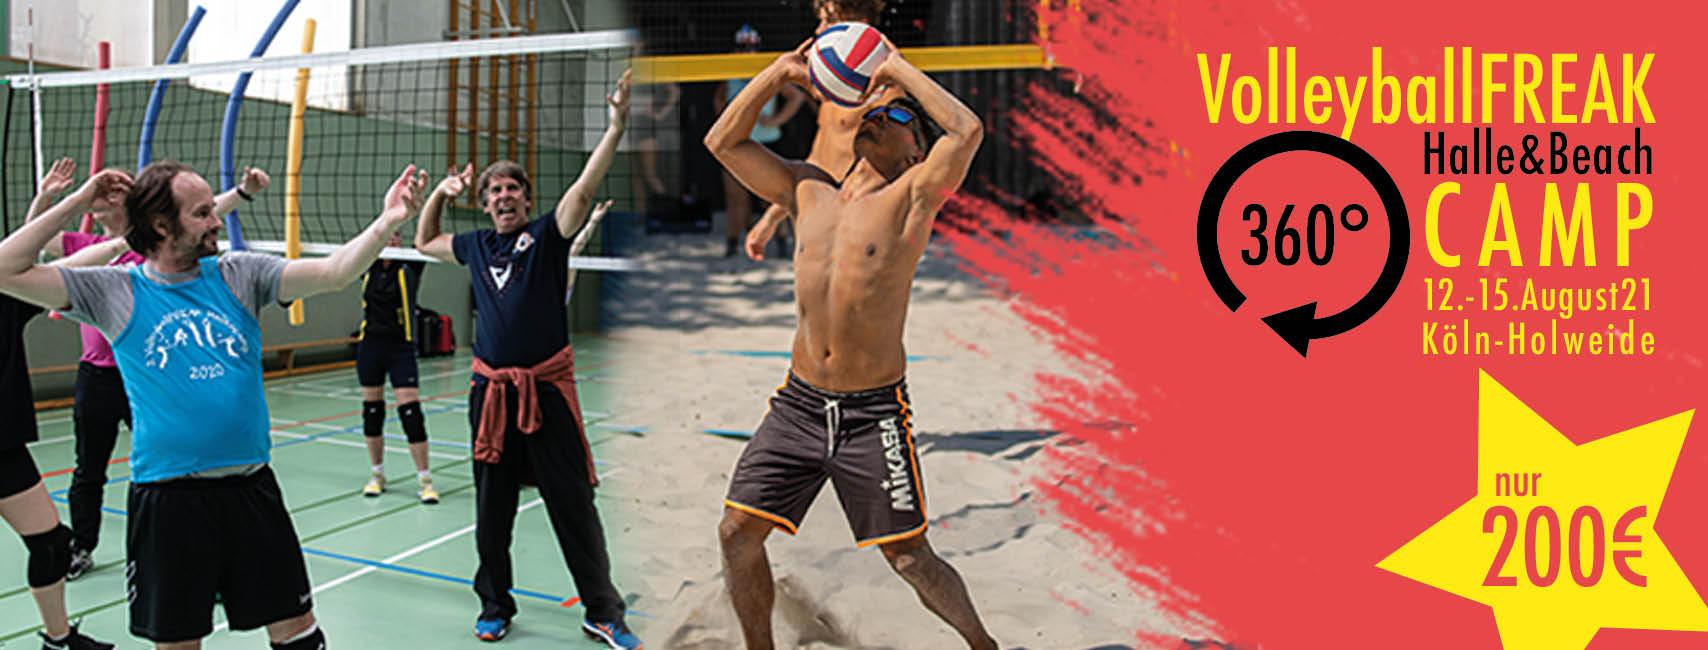 VolleyballFREAK 360° Camp